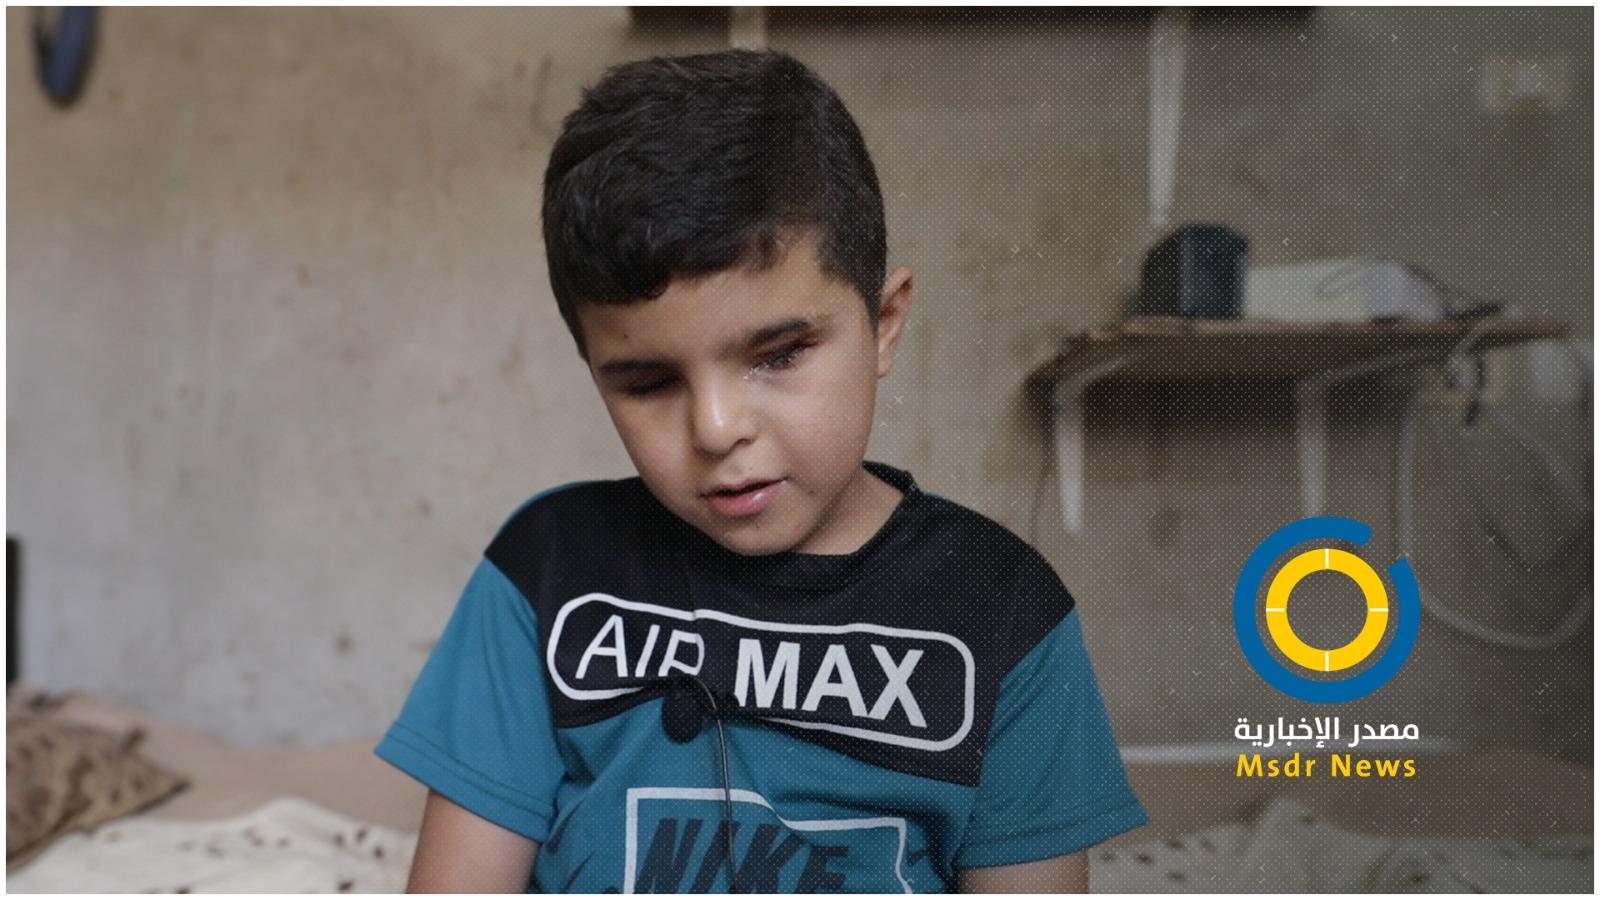 فقدَ بصره وتمنّى رؤية أخيه الرضيع.. الطفل محمد شعبان ضحية إجرام الاحتلال بغزة